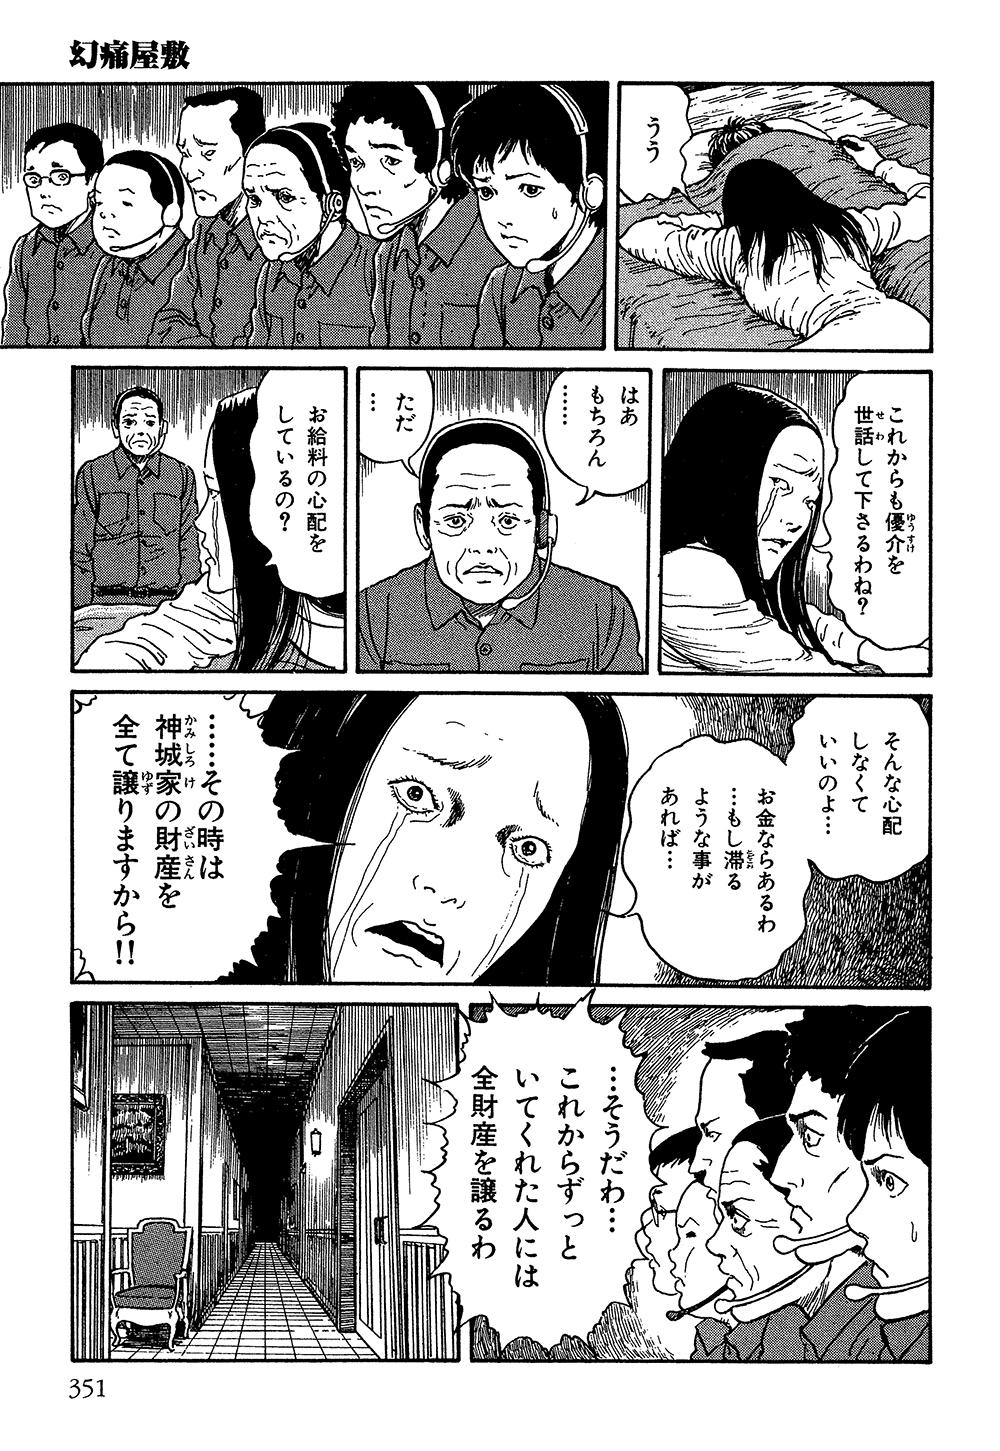 itouj_0004_0353ここまで.jpg